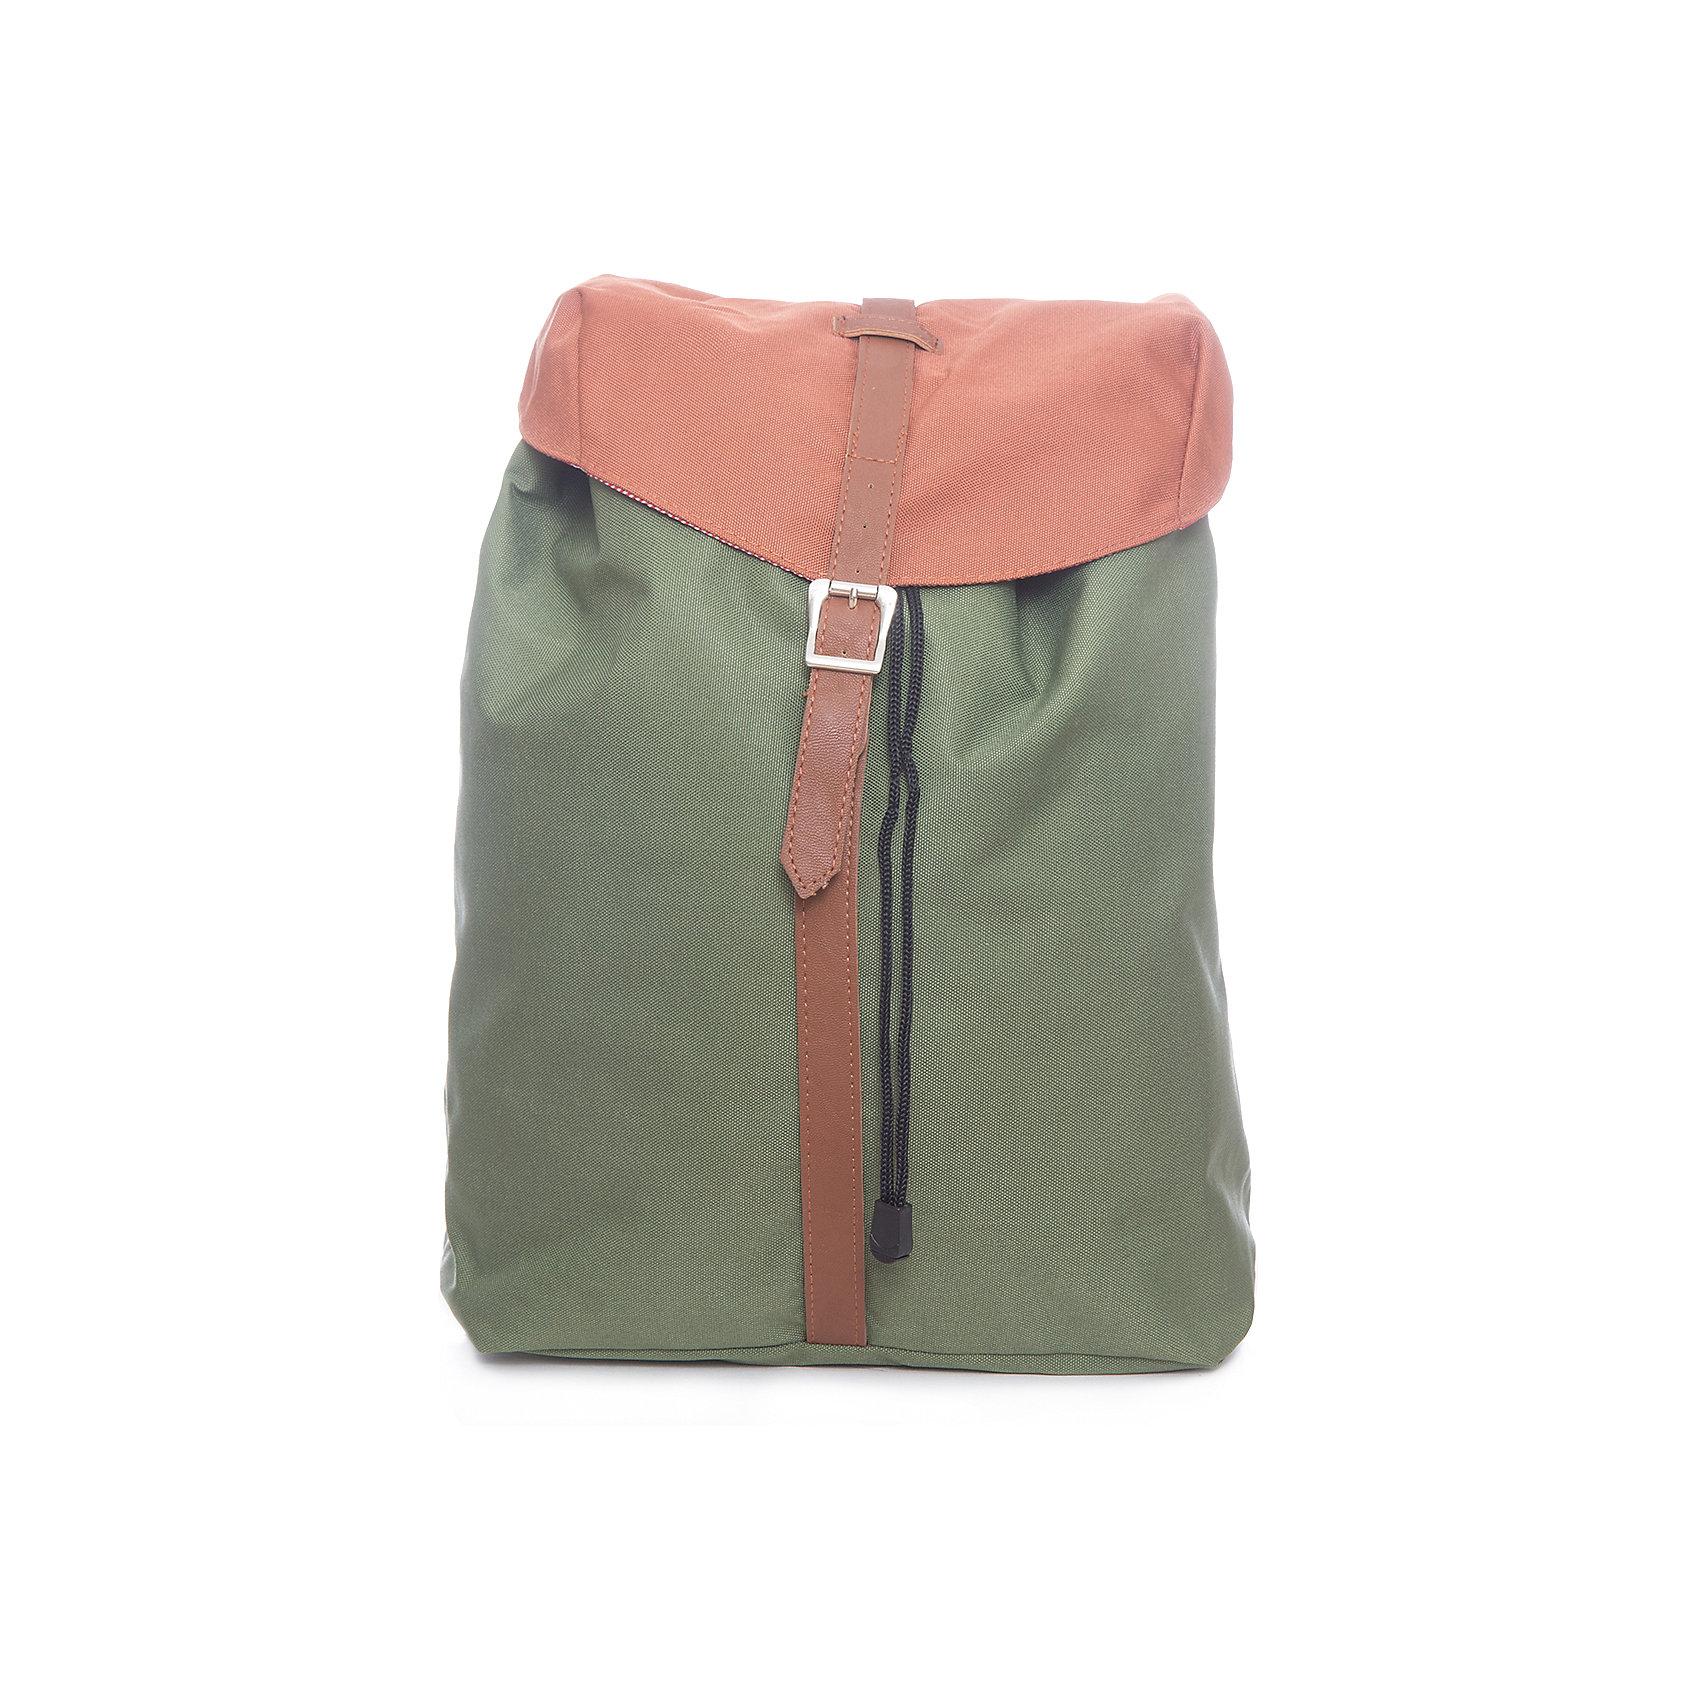 Рюкзак молодежный, зеленыйДорожные сумки и чемоданы<br>Стильный вместительный рюкзак для молодежи. У рюкзака одно большое отделение на застежке, лямки регулируются.<br><br>Дополнительная информация:<br><br>- Возраст: от 10 лет.<br>- Цвет: зеленый.<br>- Материал: полиэстер с элементами из искусственной кожи.<br>- Размер: 39х28х13 см.<br>- Размер упаковки: 41х33х5 см.<br>- Вес в упаковке: 325 г.<br><br>Купить молодежный рюкзак в зеленом цвете, можно в нашем магазине.<br><br>Ширина мм: 410<br>Глубина мм: 330<br>Высота мм: 50<br>Вес г: 325<br>Возраст от месяцев: 72<br>Возраст до месяцев: 2147483647<br>Пол: Унисекс<br>Возраст: Детский<br>SKU: 4943449